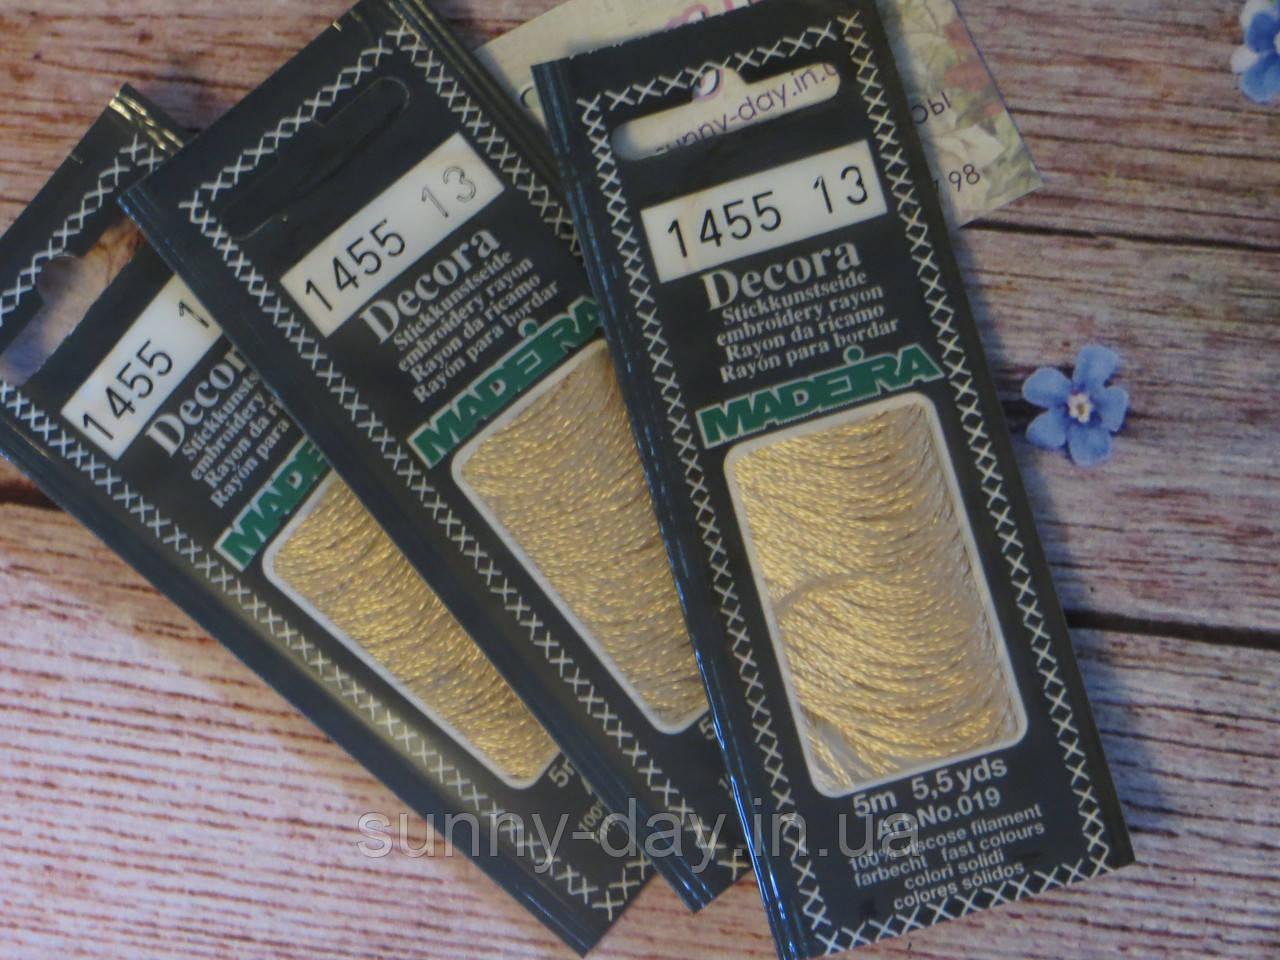 Нить для вышивки Madeira Decora, 1455